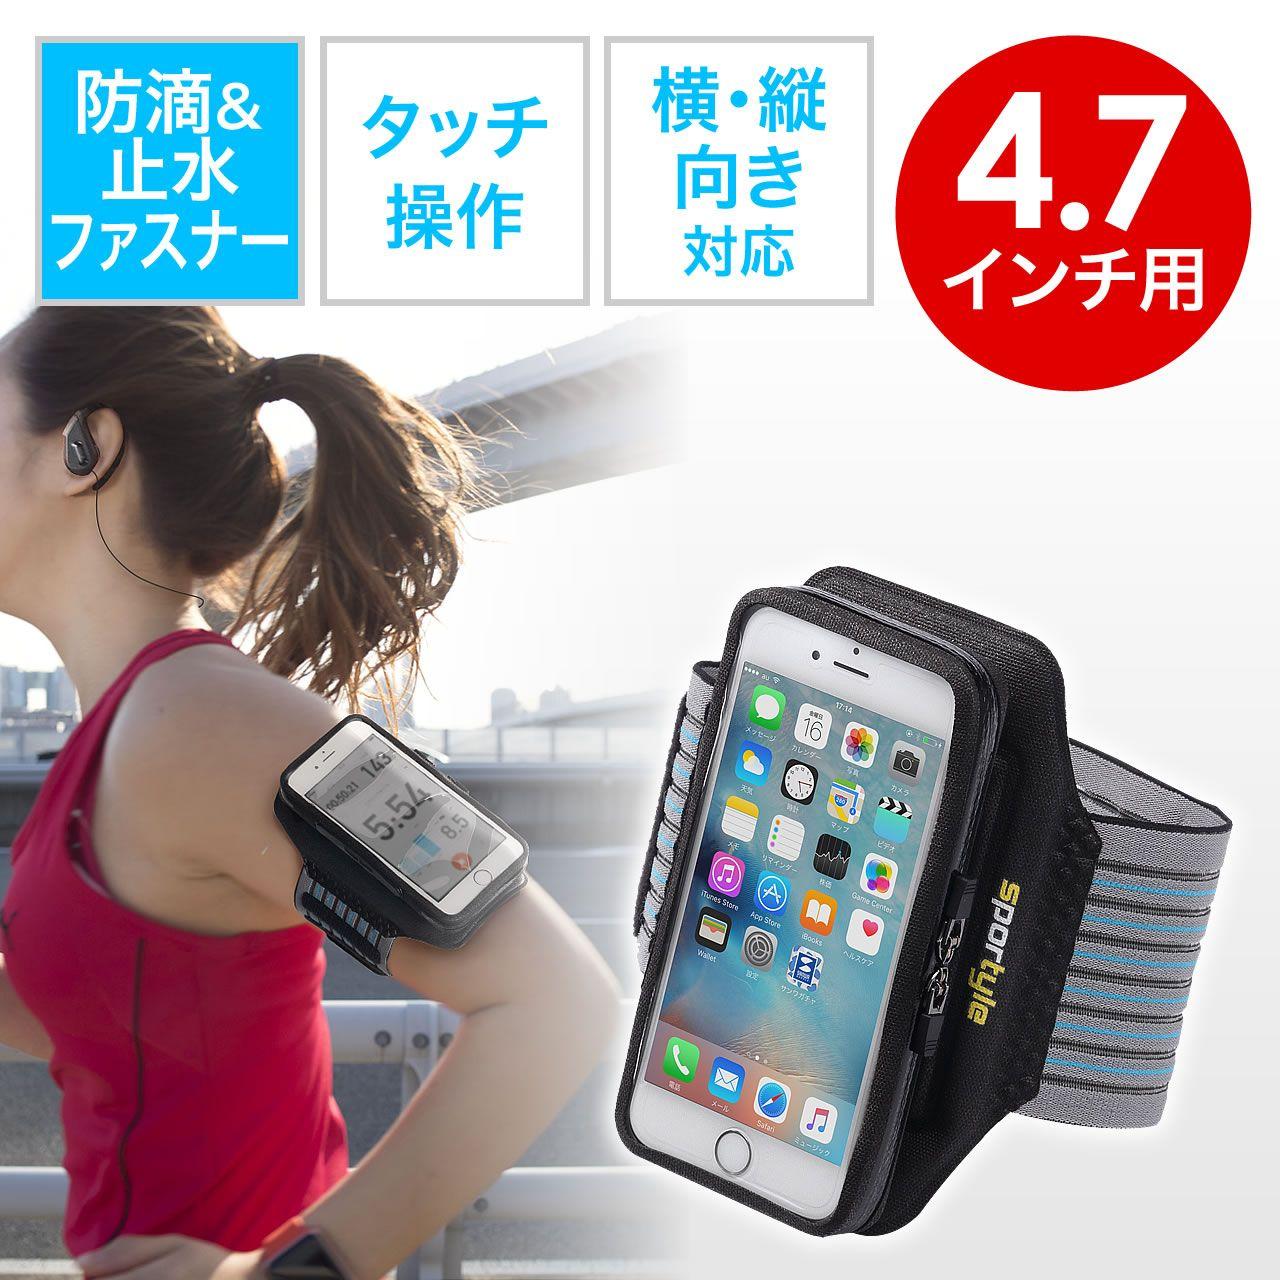 アームバンドケース 4 7インチスマホ Iphone 8 7 6s対応 防滴 止水ファスナー 縦 横 付け外し対応 ブラック 200 Spc014bkの販売商品 通販ならサンワダイレクト ファスナー アームバンド ケース